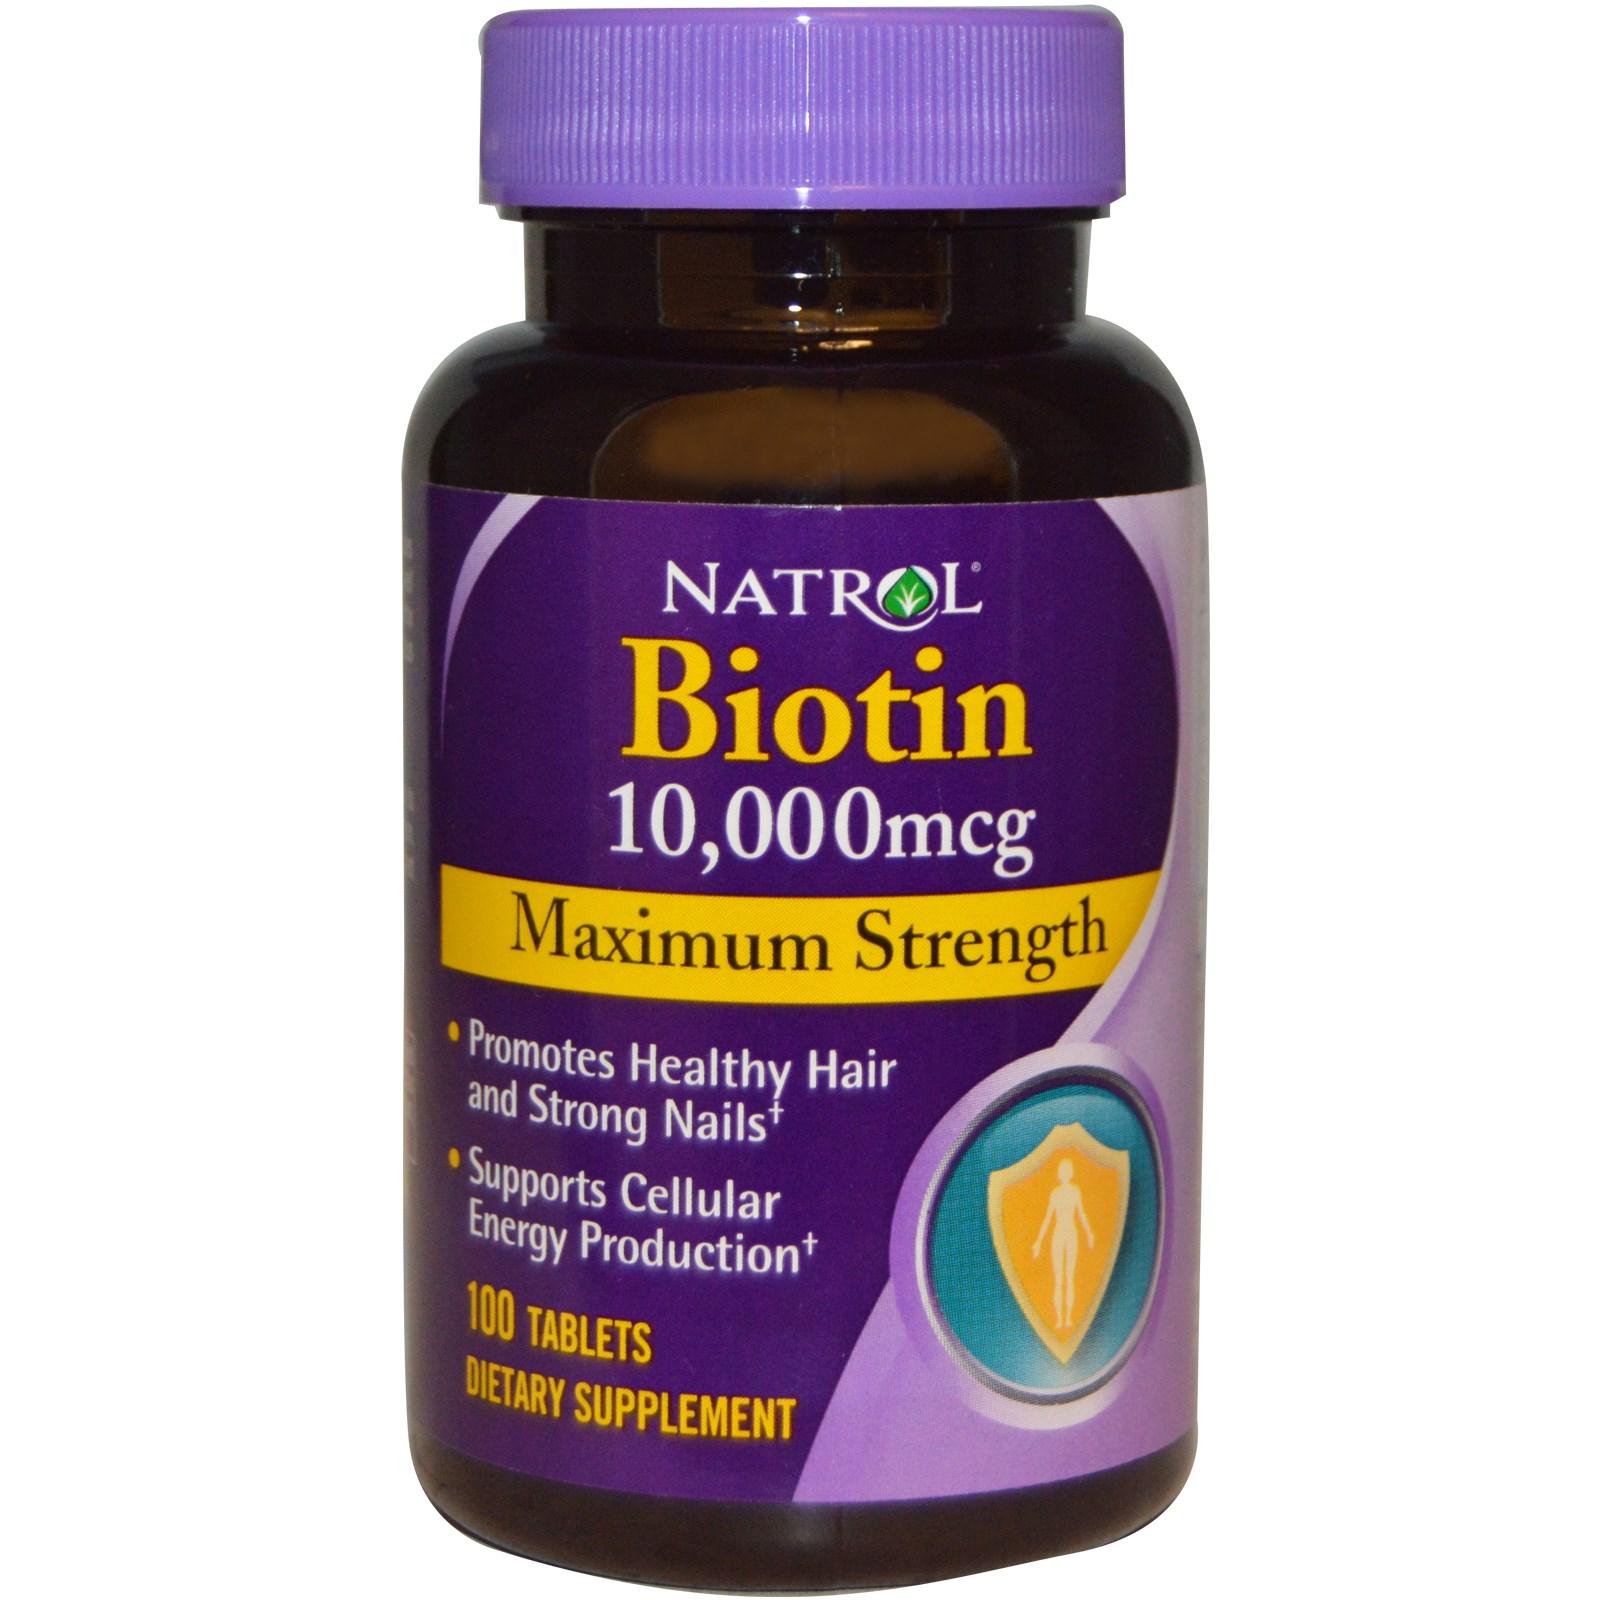 Viên uống hỗ trợ mọc tóc Natrol Biotin 10000mcg